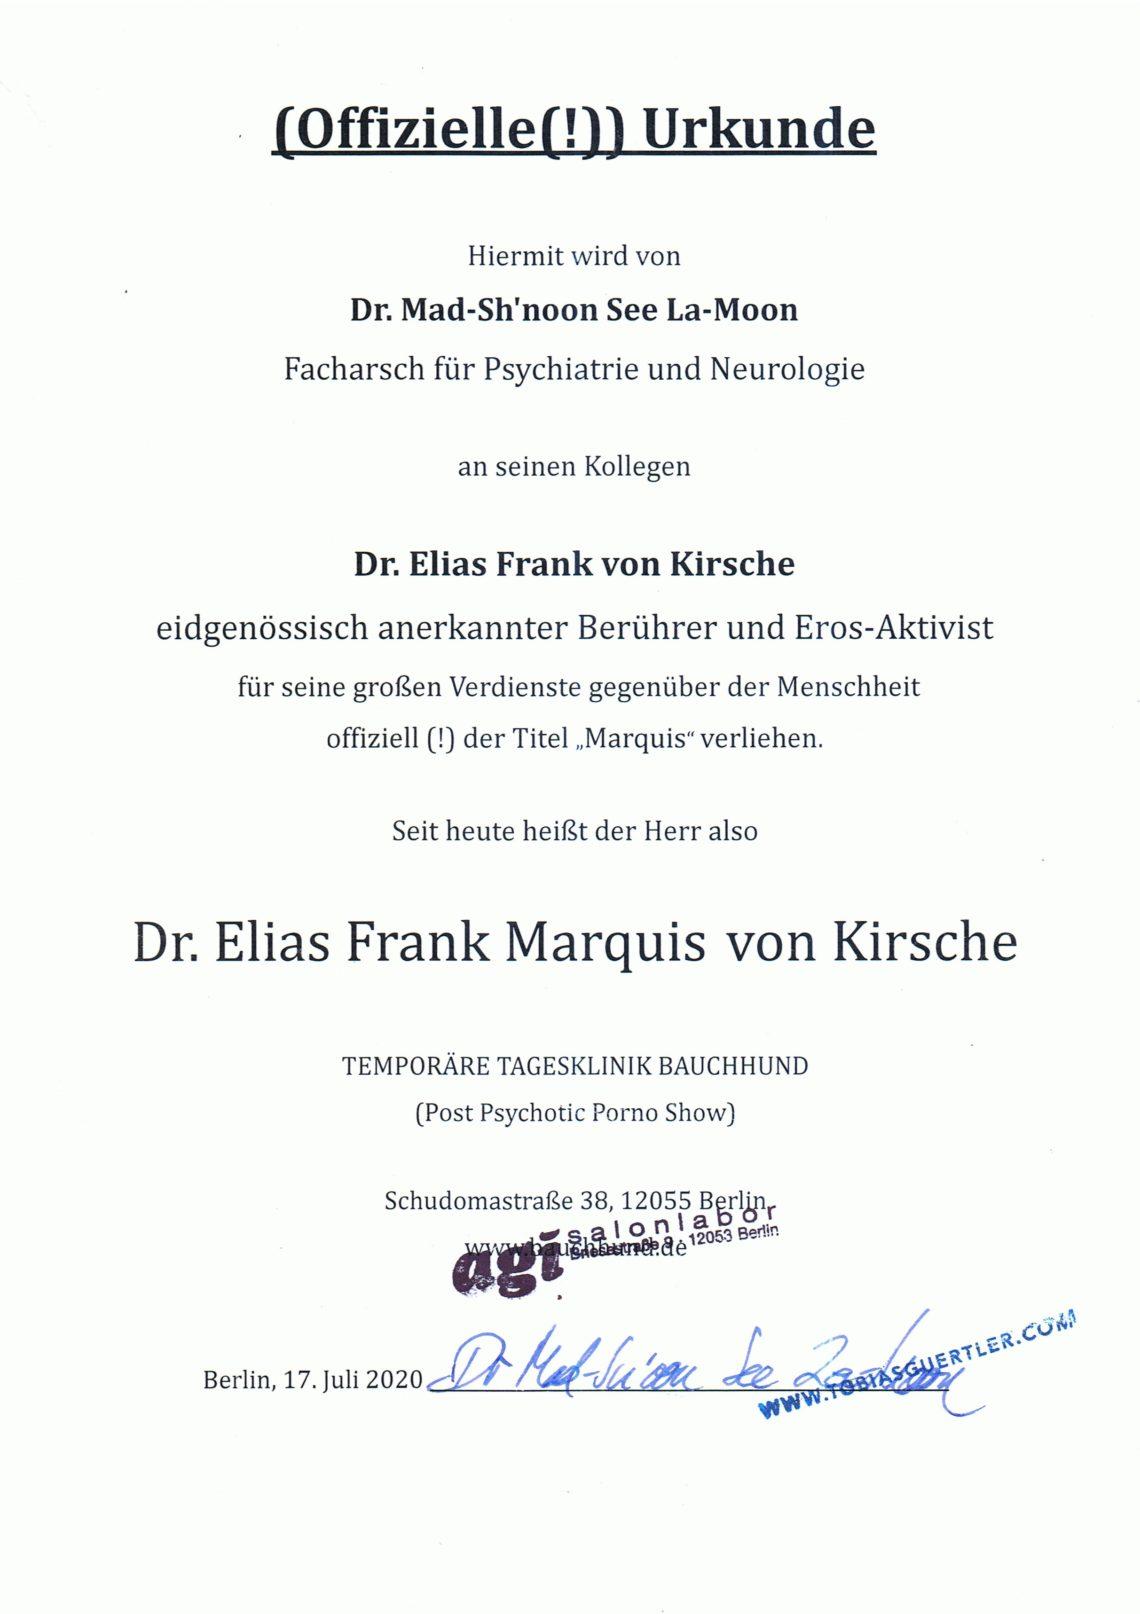 """Urkunde """"Marquis"""" - subversiv-innovativ-erotische Performance von Elias Kirsche. Berlin, Galerie und temporäre Tagesklinik """"Bauchhund"""". Postpsychotic Porno-Show"""